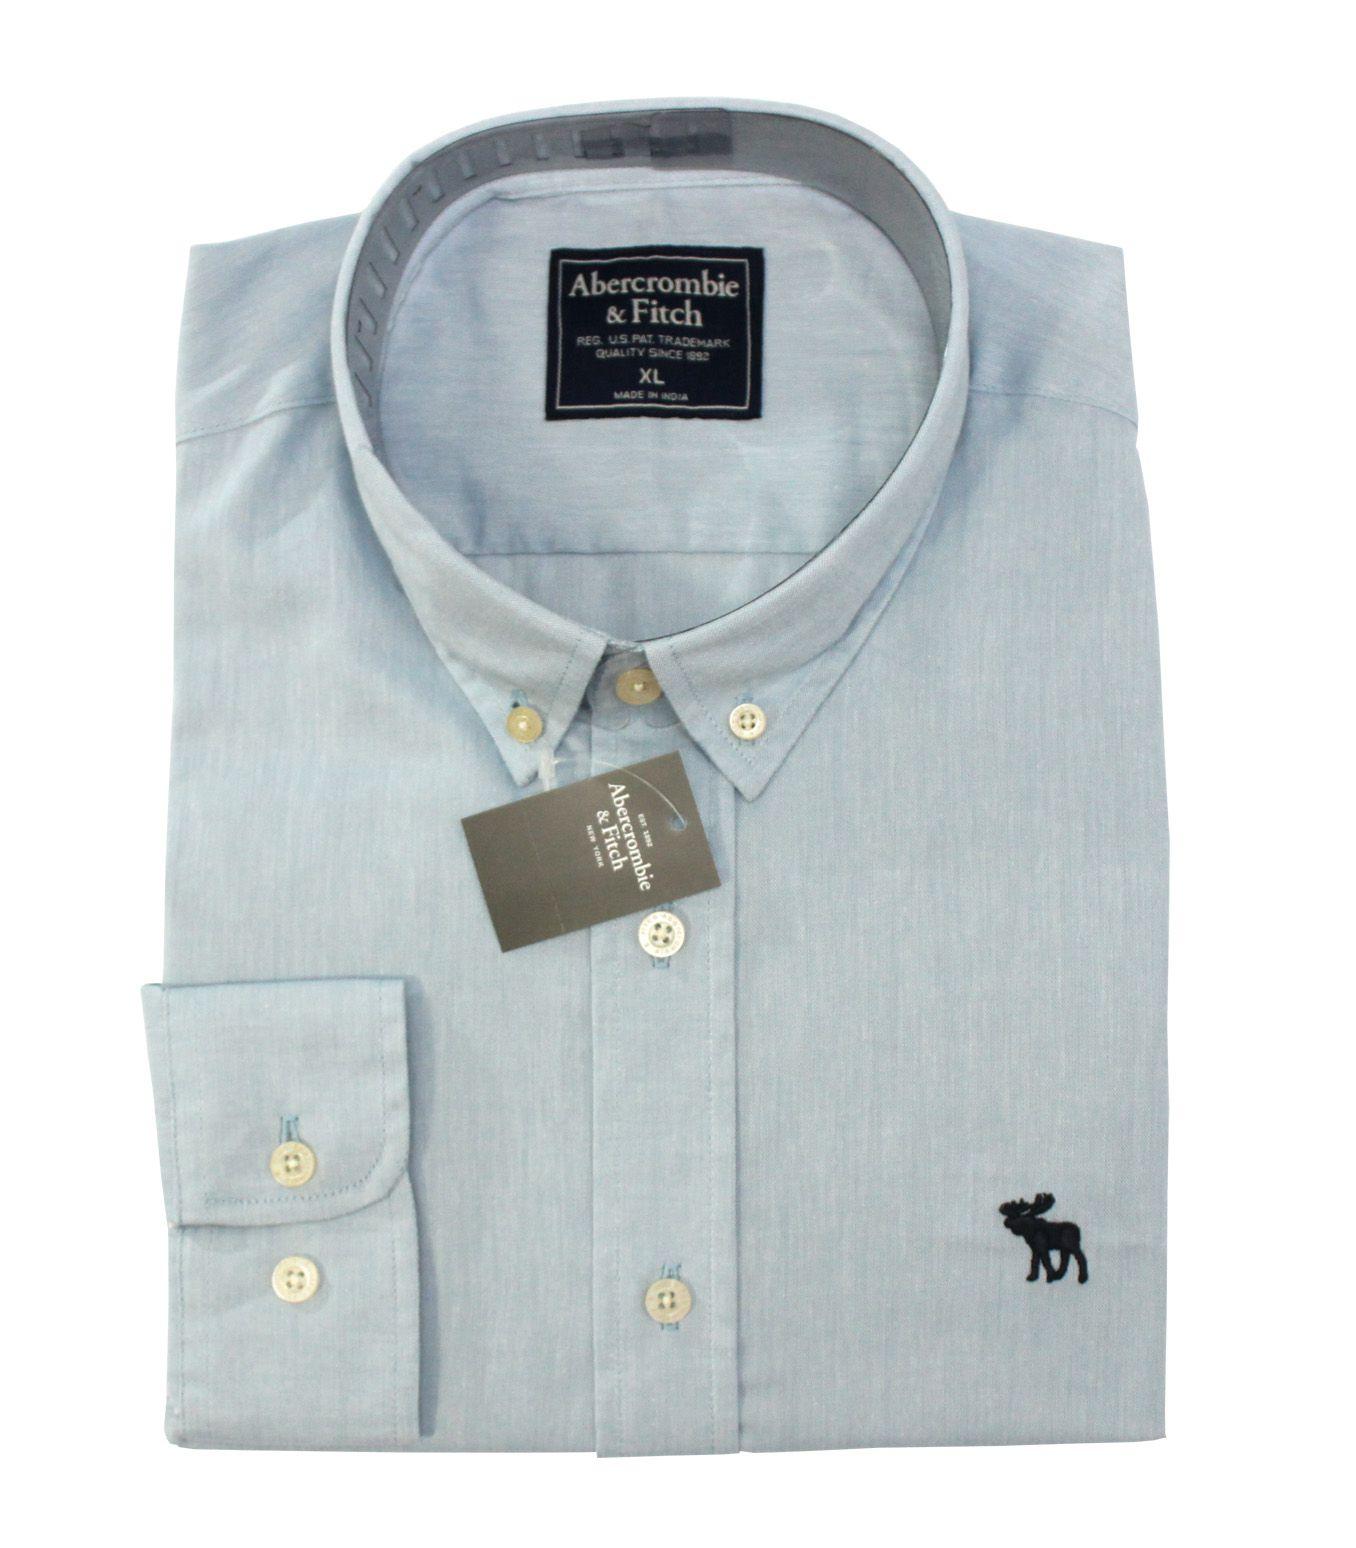 Camisa Social Oxford Azul Claro ABR